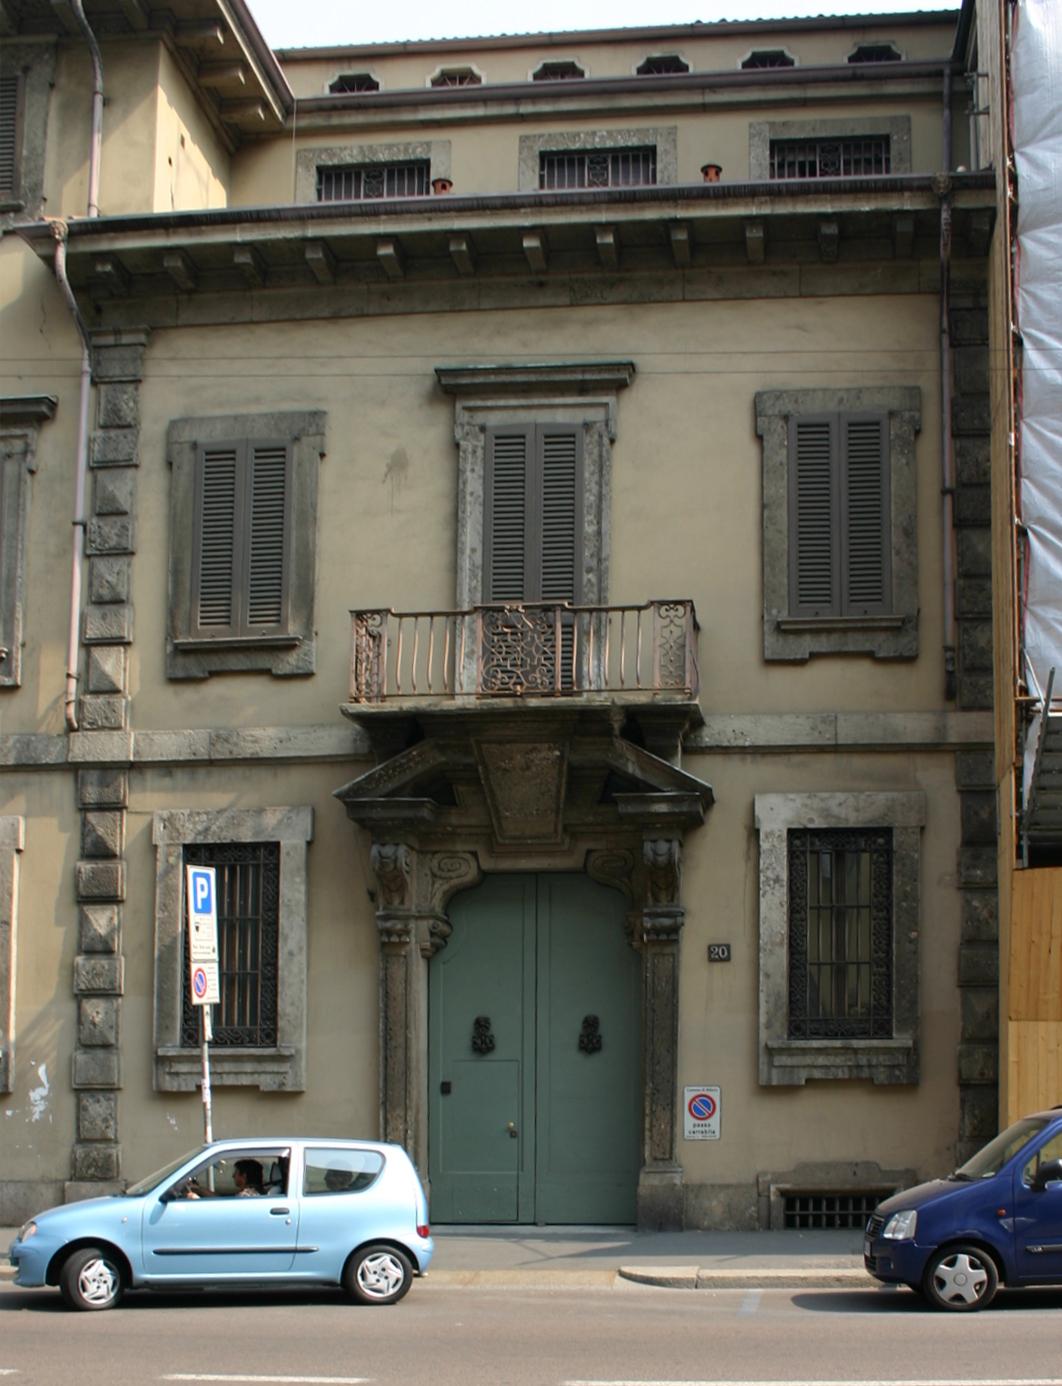 Casa crespi corso venezia wikipedia for Corso stilista milano